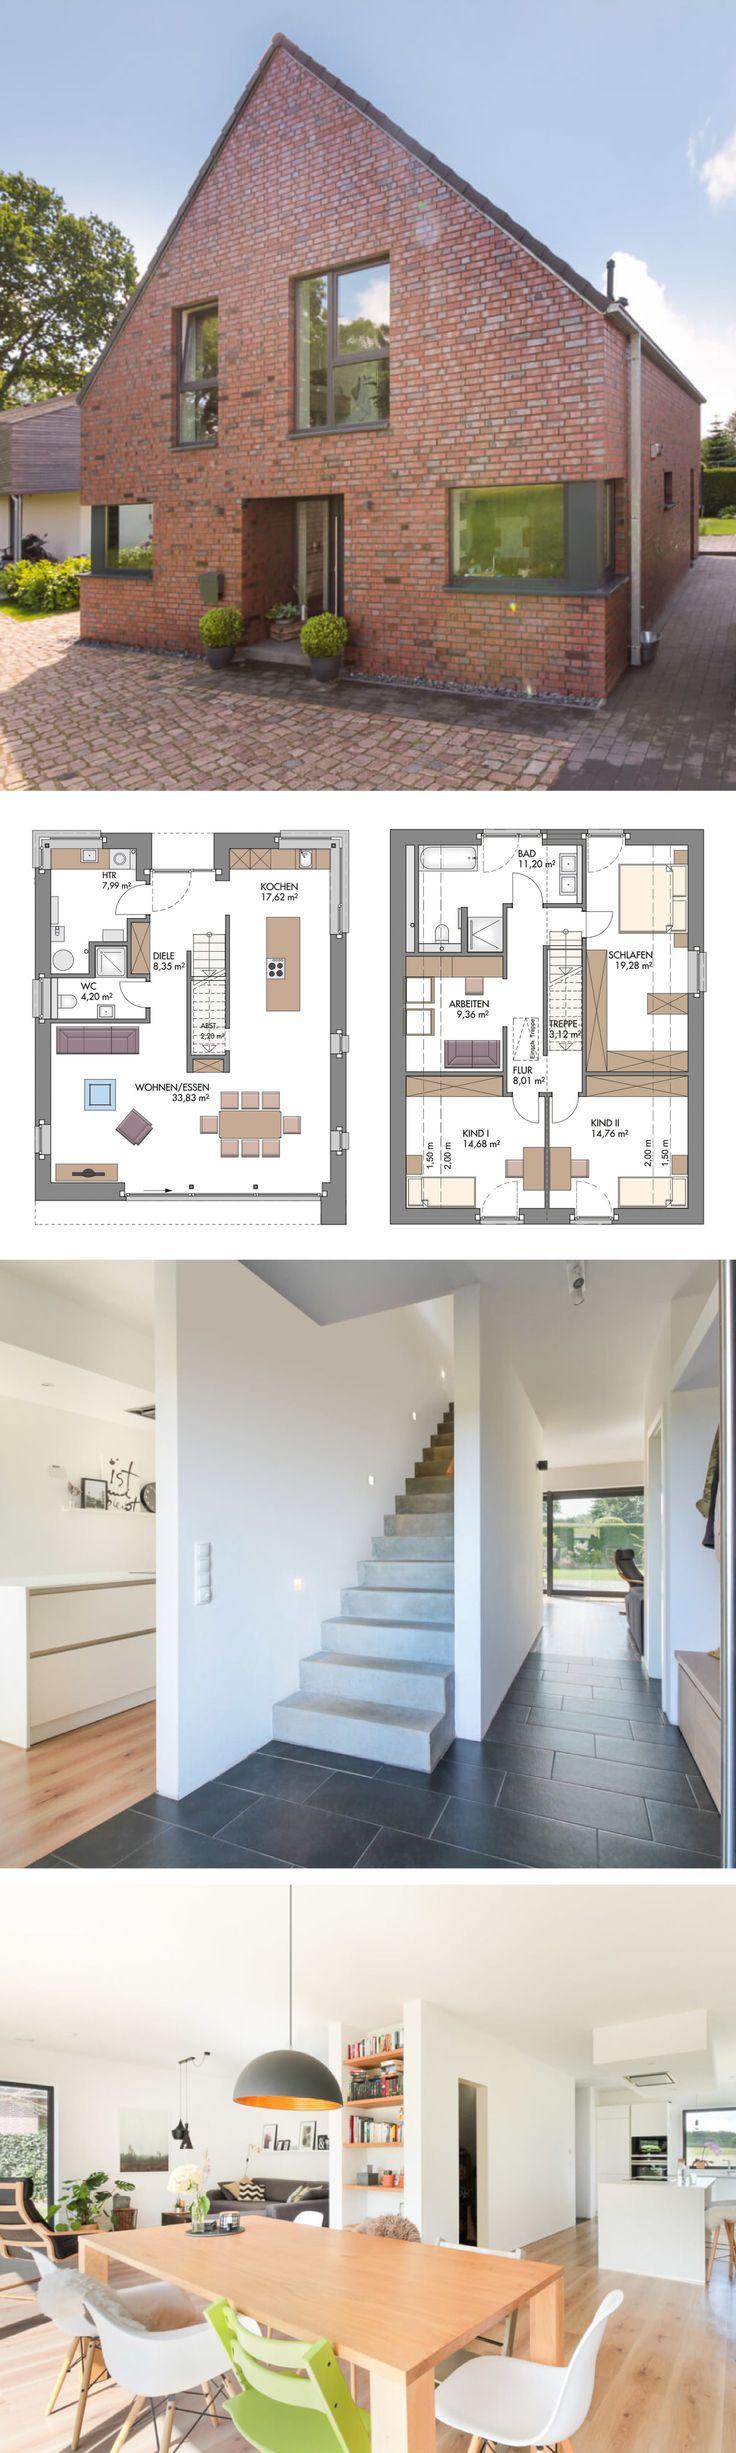 Vor und nach der renovierung des hauses  best traumhaus images on pinterest  future house house design